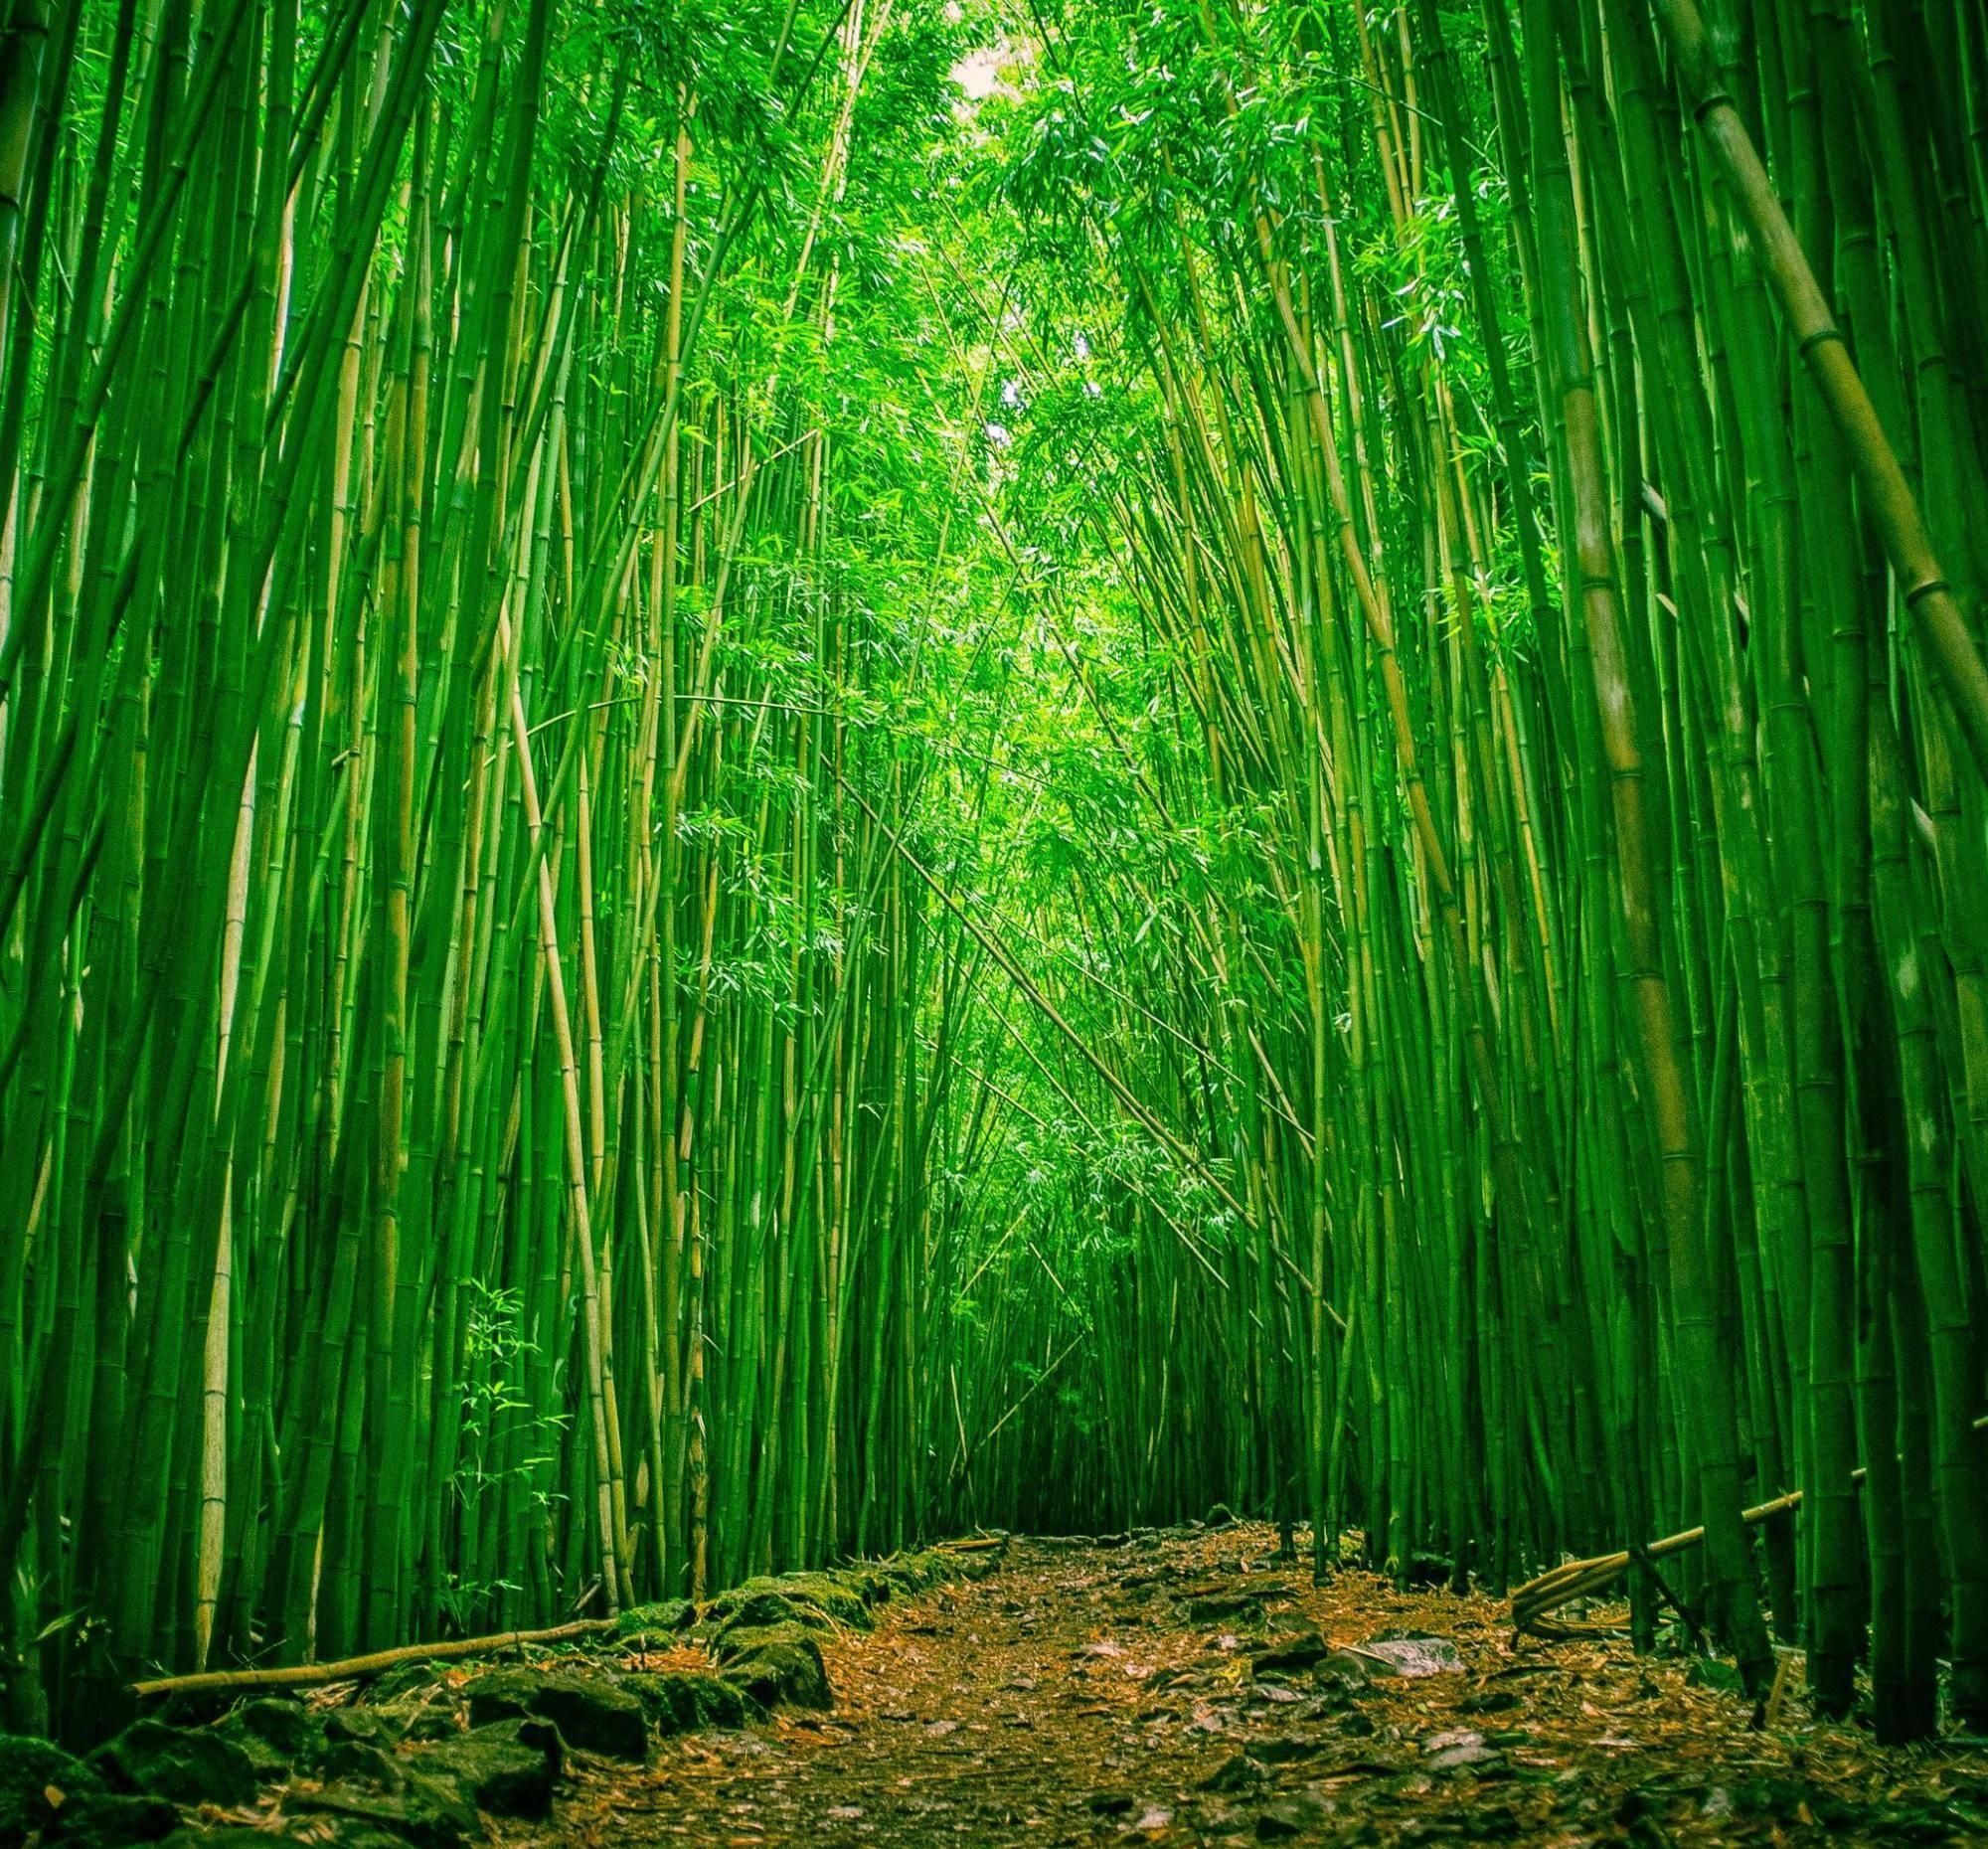 竹子微信风景头像大全